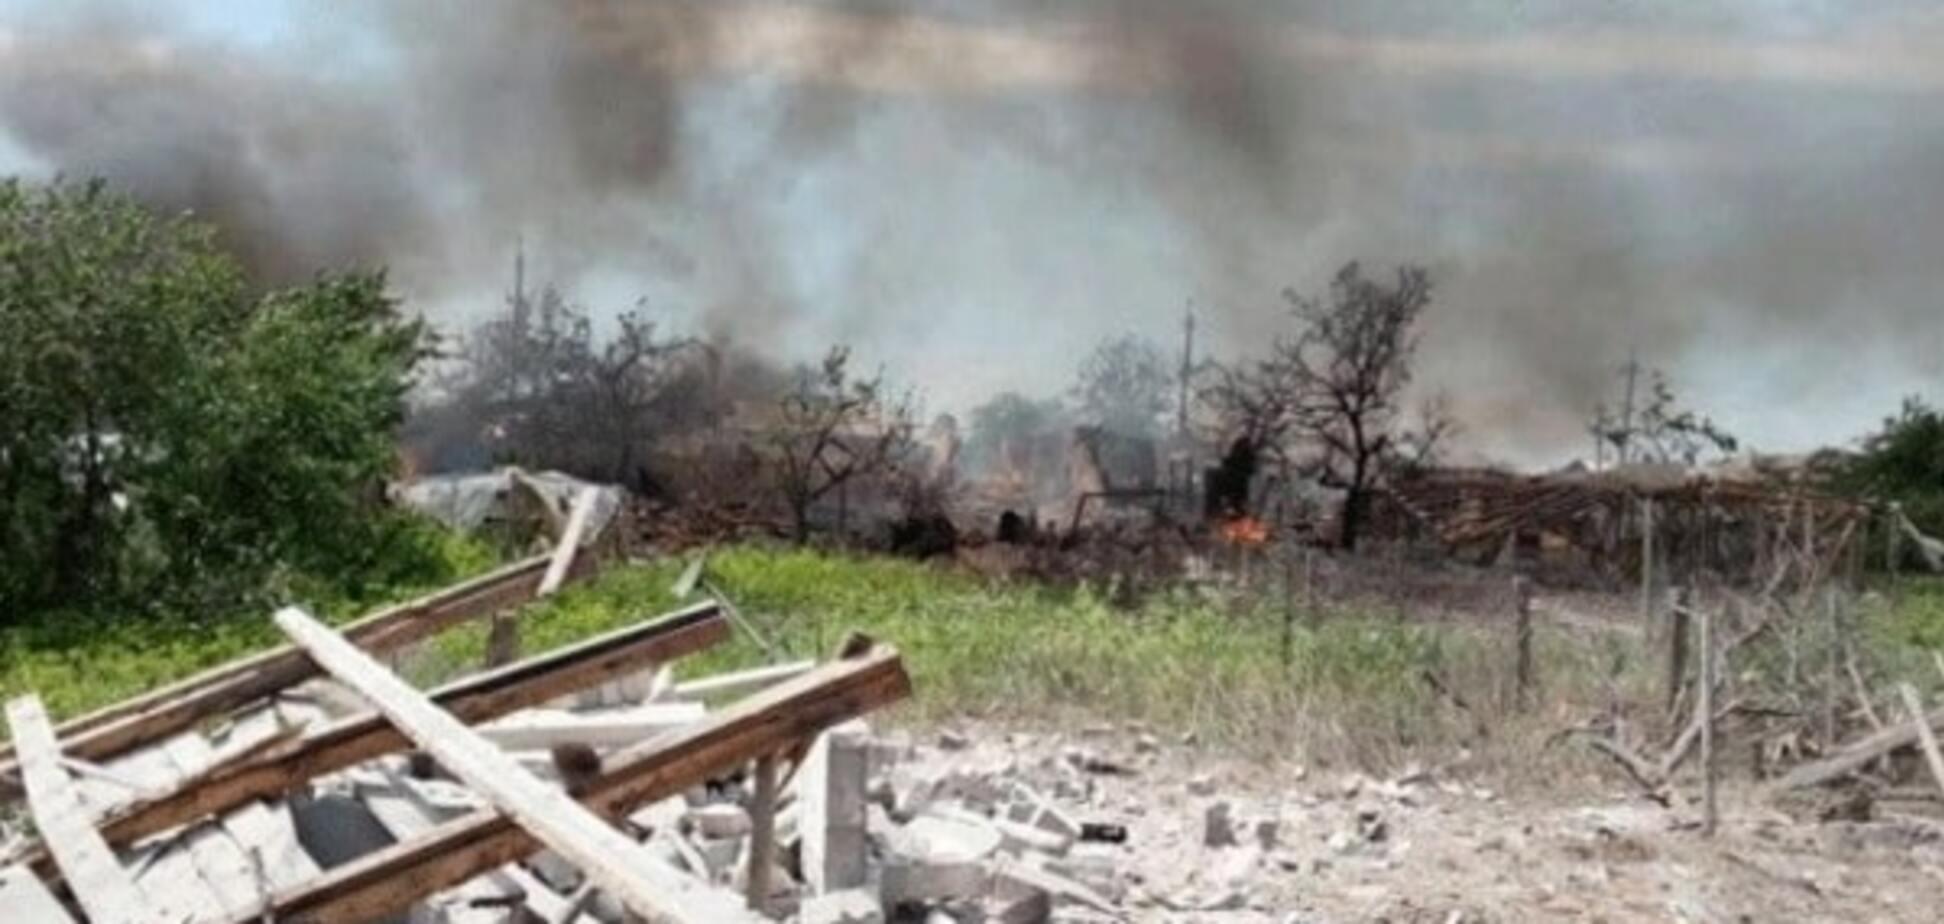 Терористи 'ЛНР' обстріляли автомобіль ДСНС і житлові будинки в Станиці Луганській - Тука